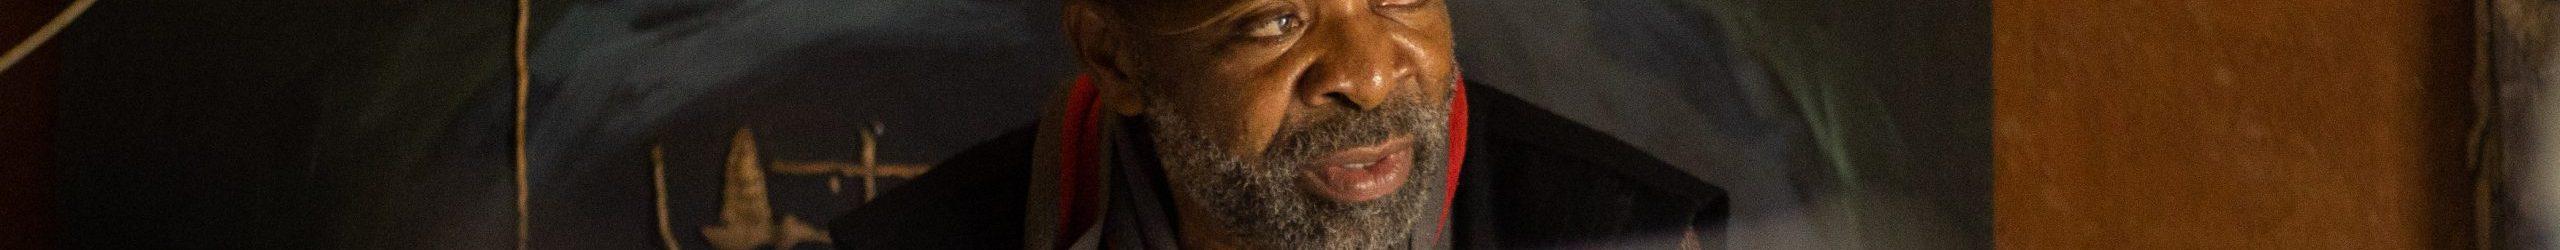 Charles Okereke